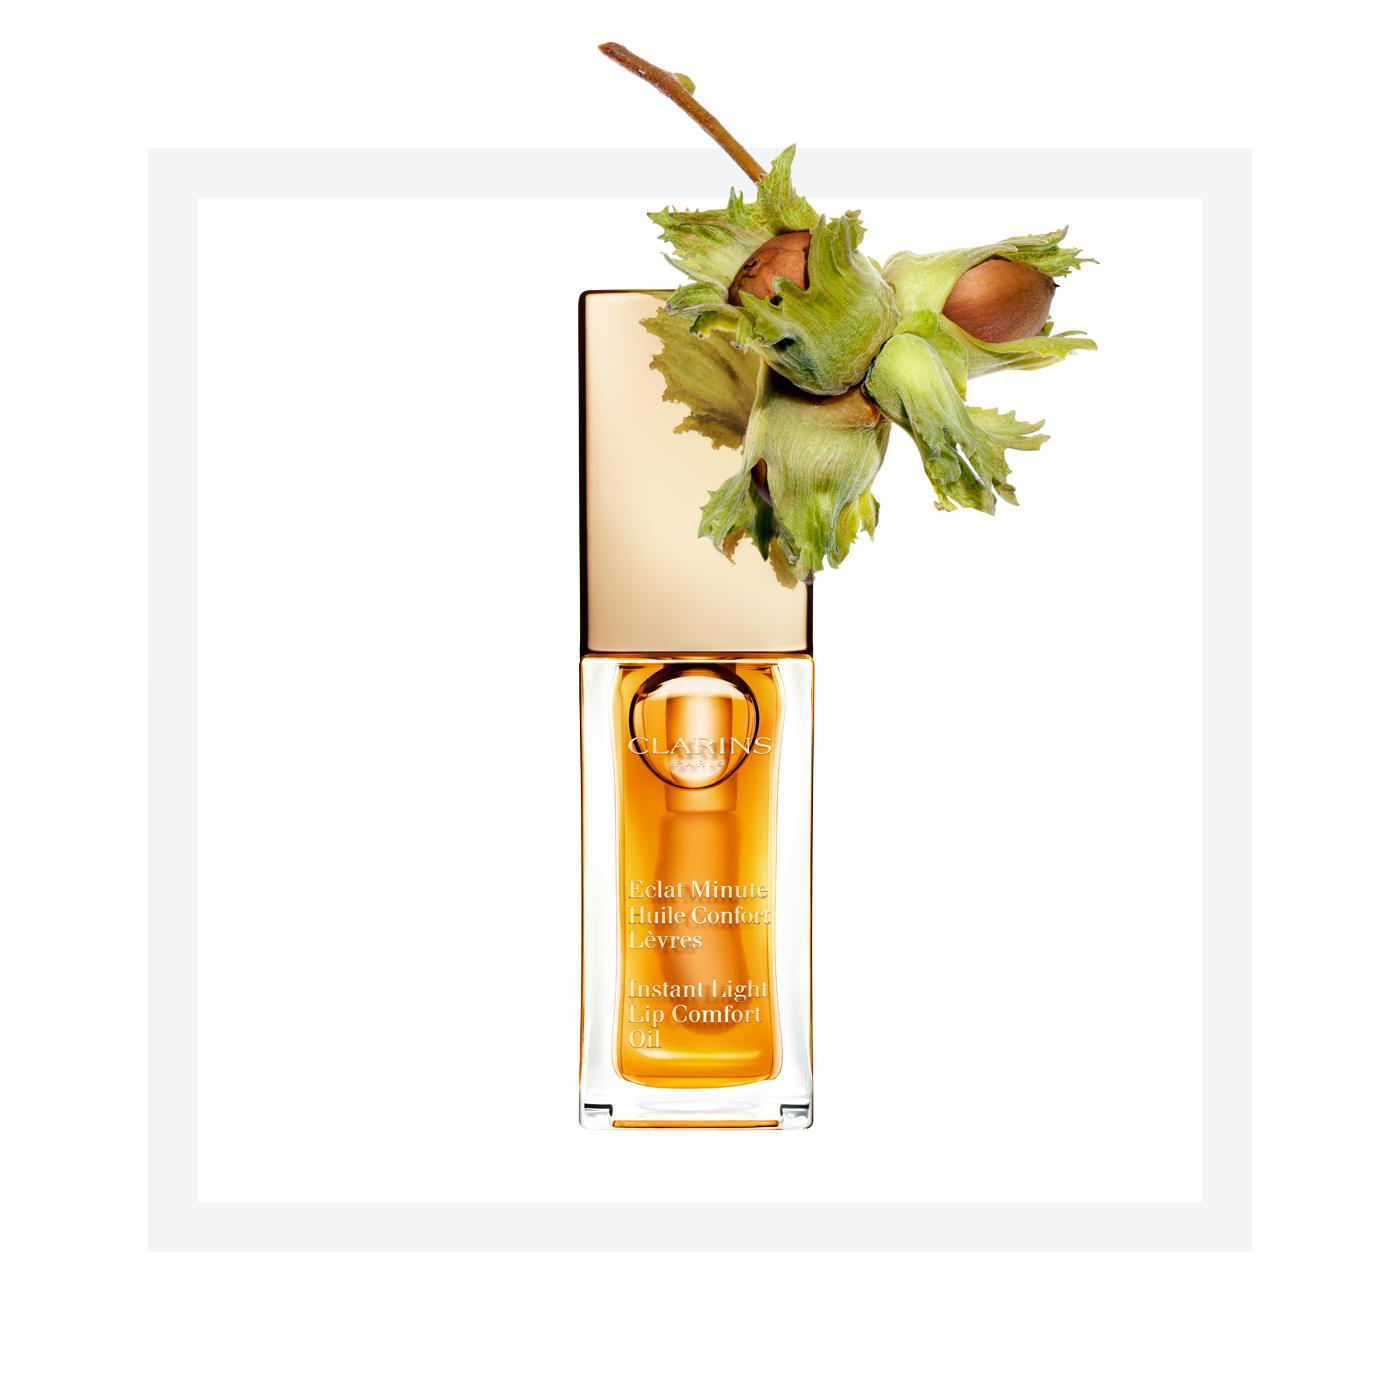 Instant Light Lip Comfort Oil Lip Oil Clarins Clarins